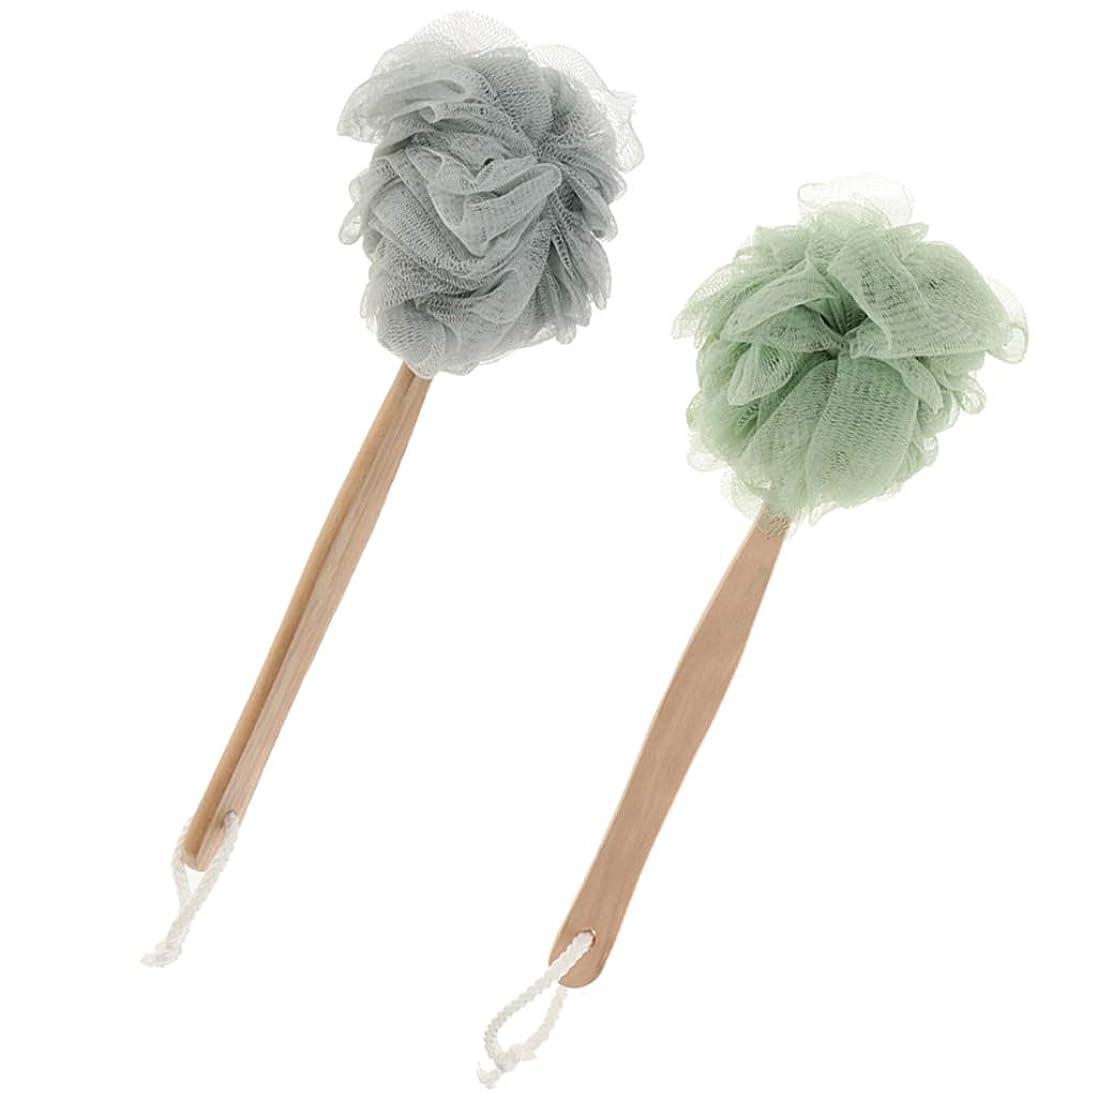 Fenteer シャワーパフ ボディブラシ メッシュブラシ 体洗いブラシ 長柄 毛穴洗浄 角質除去 バスグッズ 2個